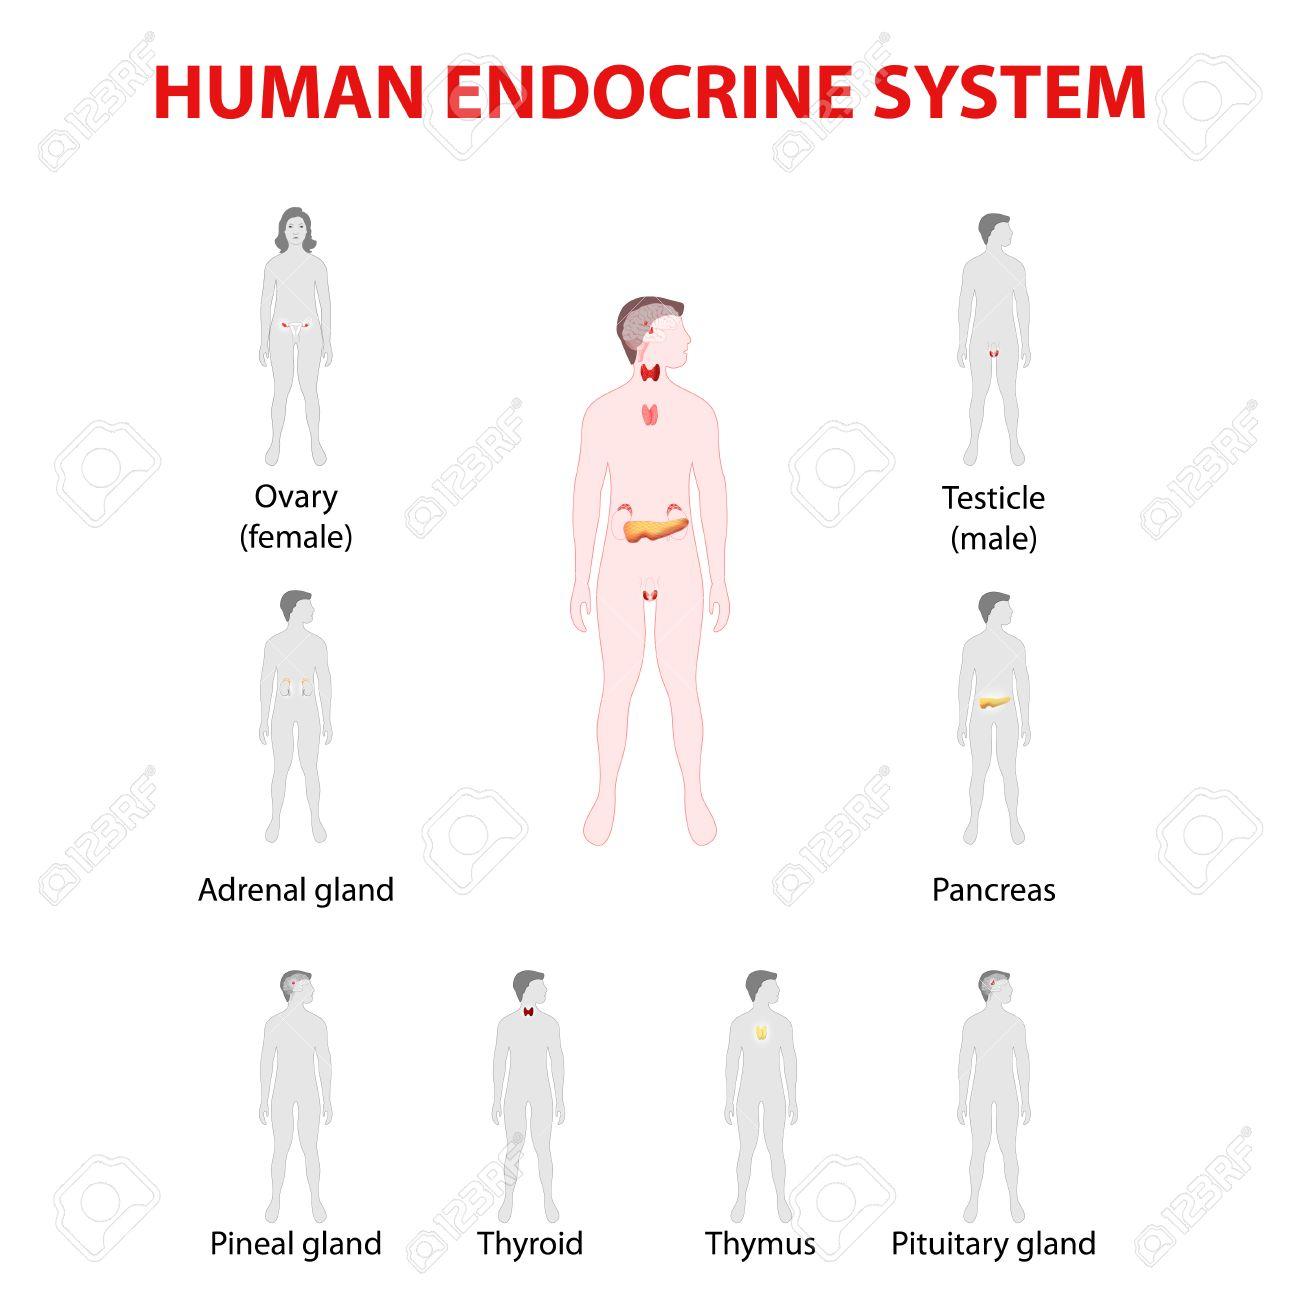 Cuales son las glandulas endocrinas del ser humano